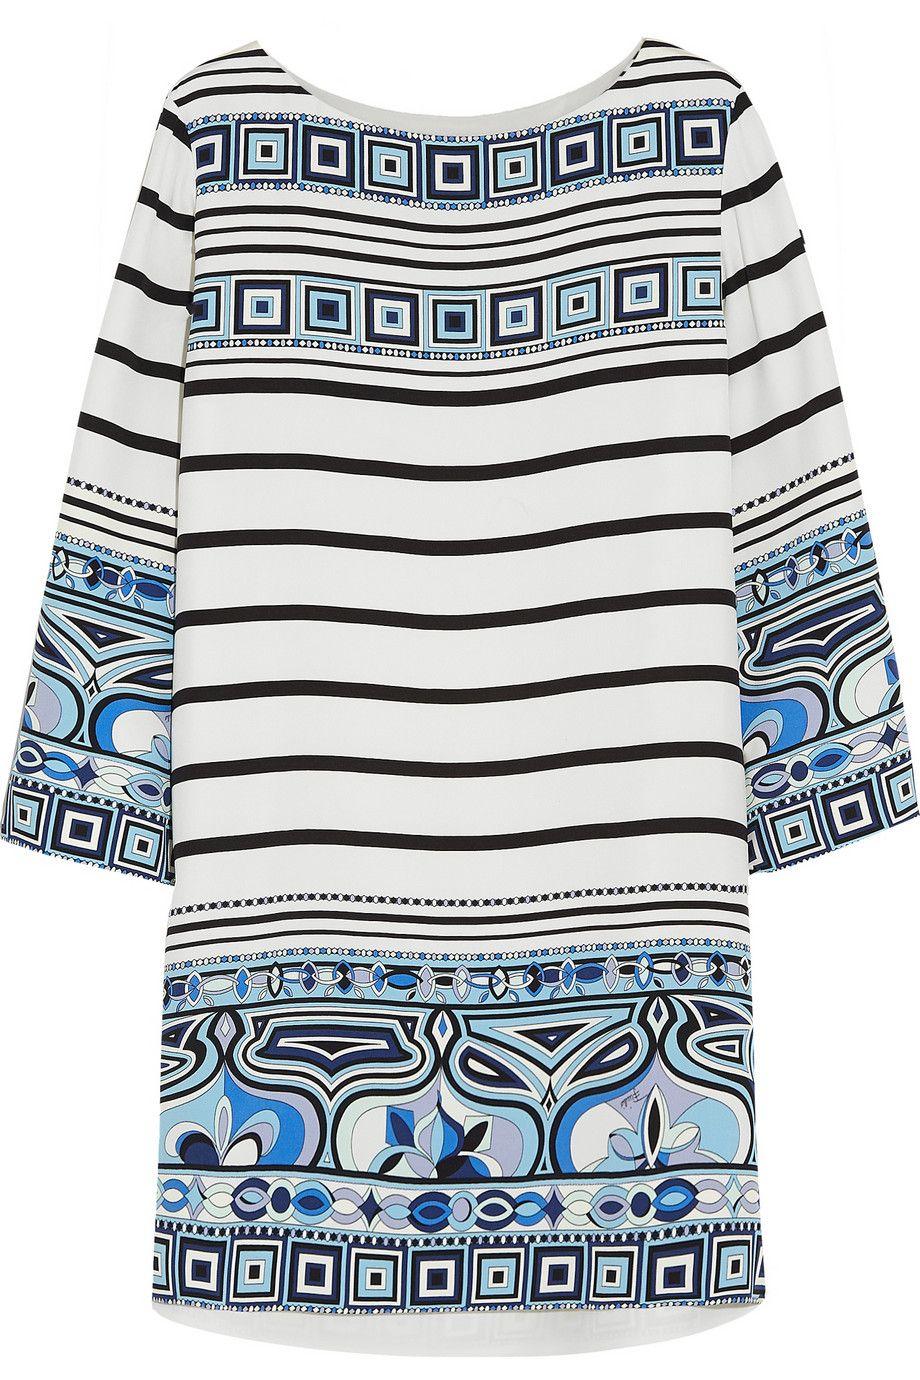 EMILIO PUCCI Printed Silk Crepe De Chine Mini Dress. #emiliopucci #cloth #dress